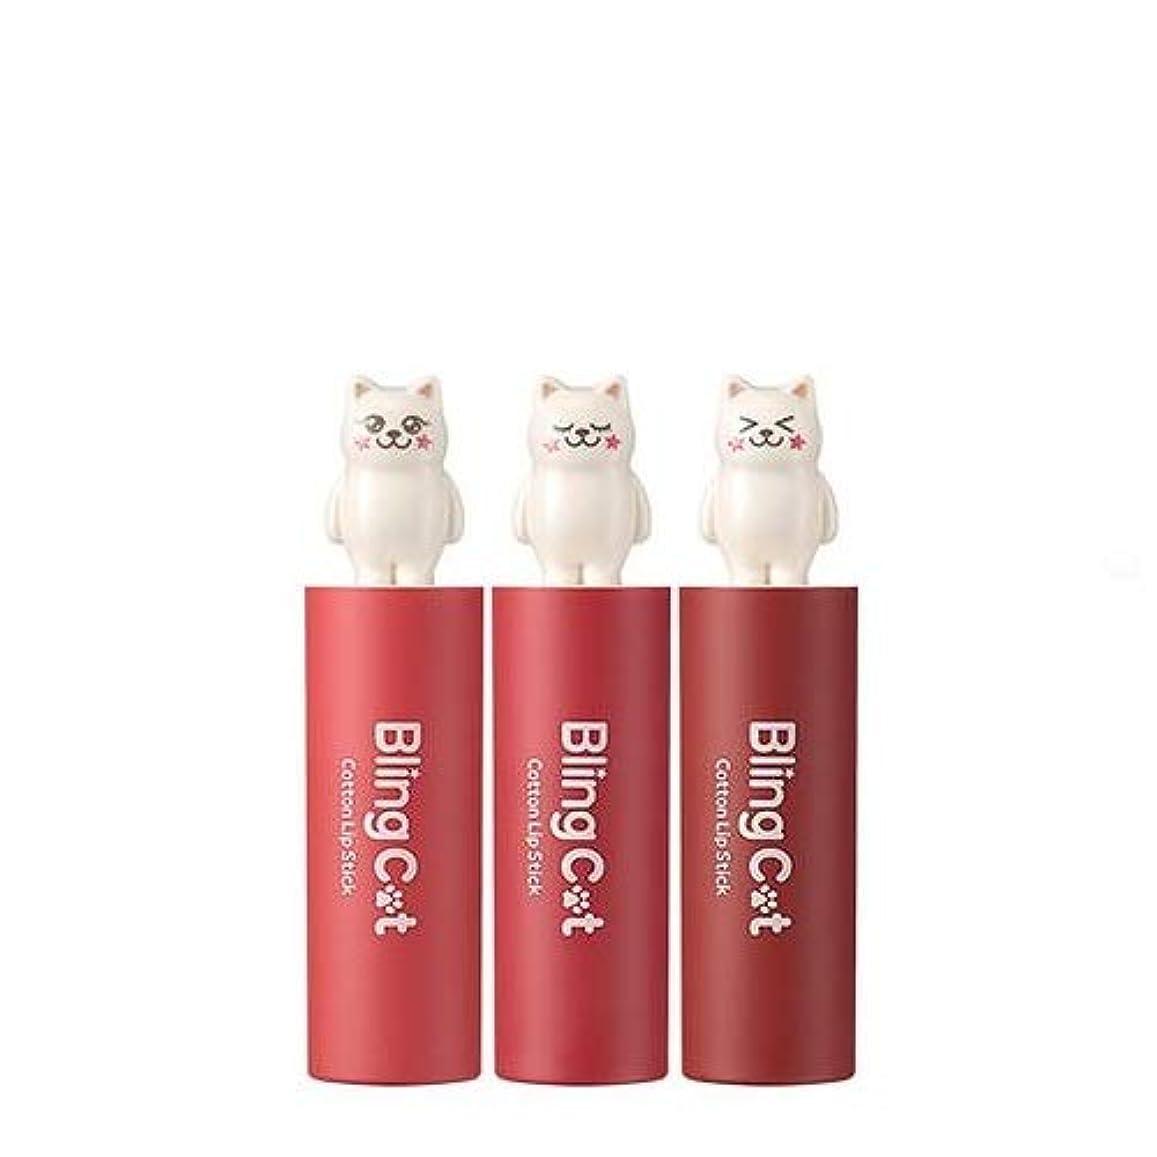 極端なすずめそのトニーモリー ブリングキャット コットン リップスティック 3.4g / TONYMOLY Bling Cat Cotton Lipstick # 09. Maroon Mode [並行輸入品]